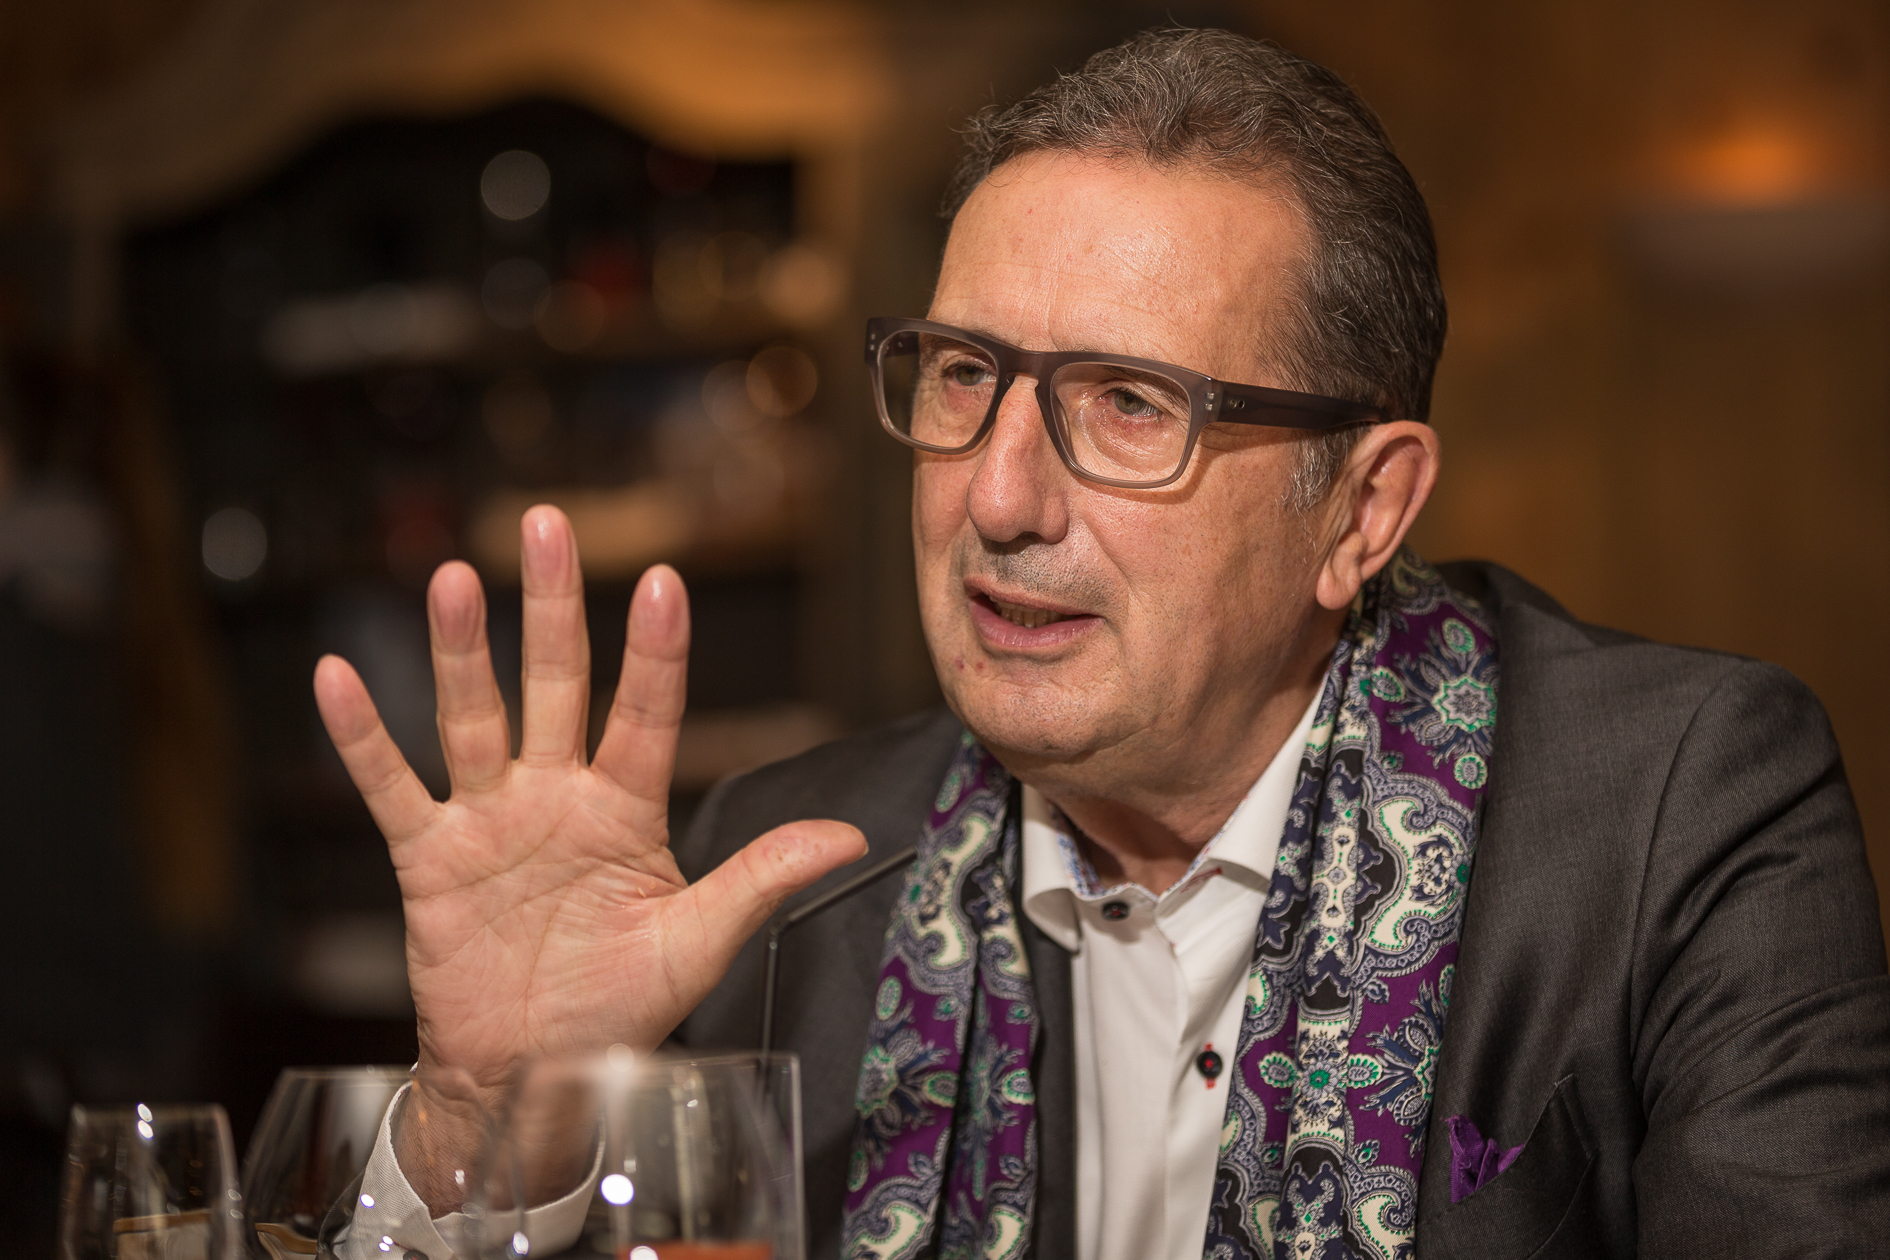 Georges Leekens